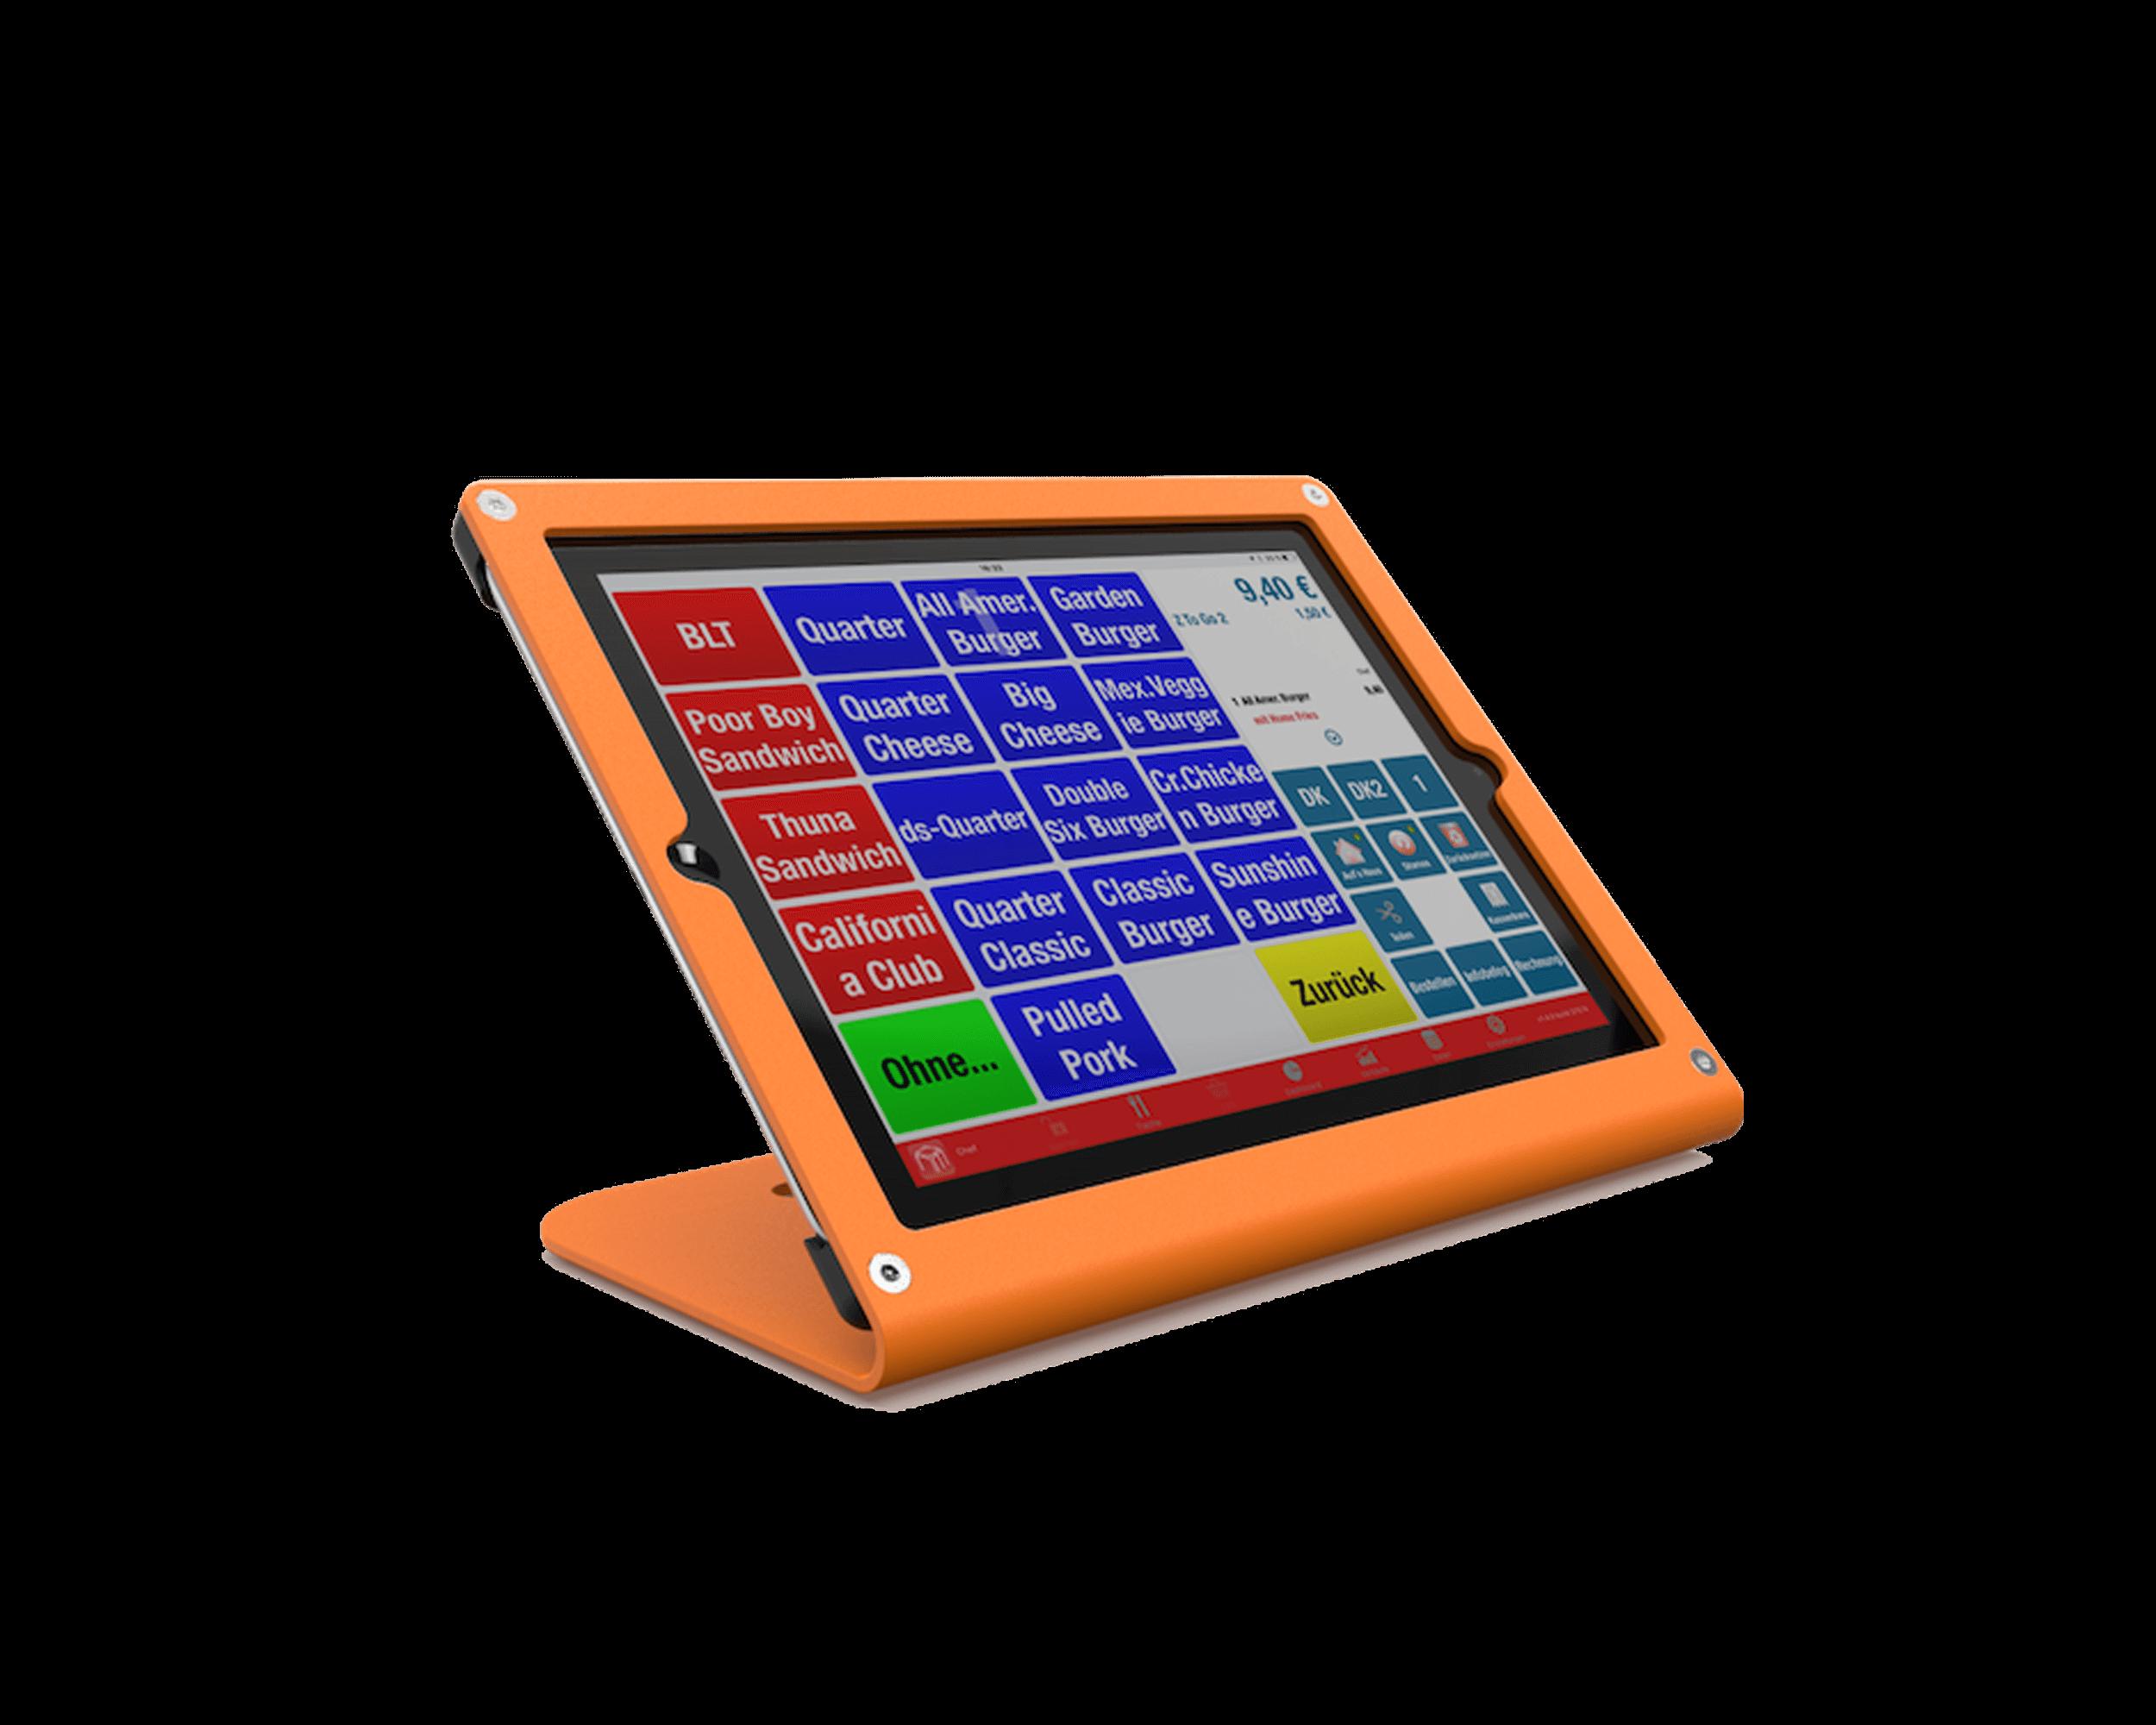 goedkoop kassa systeem voor de tablet of ipad